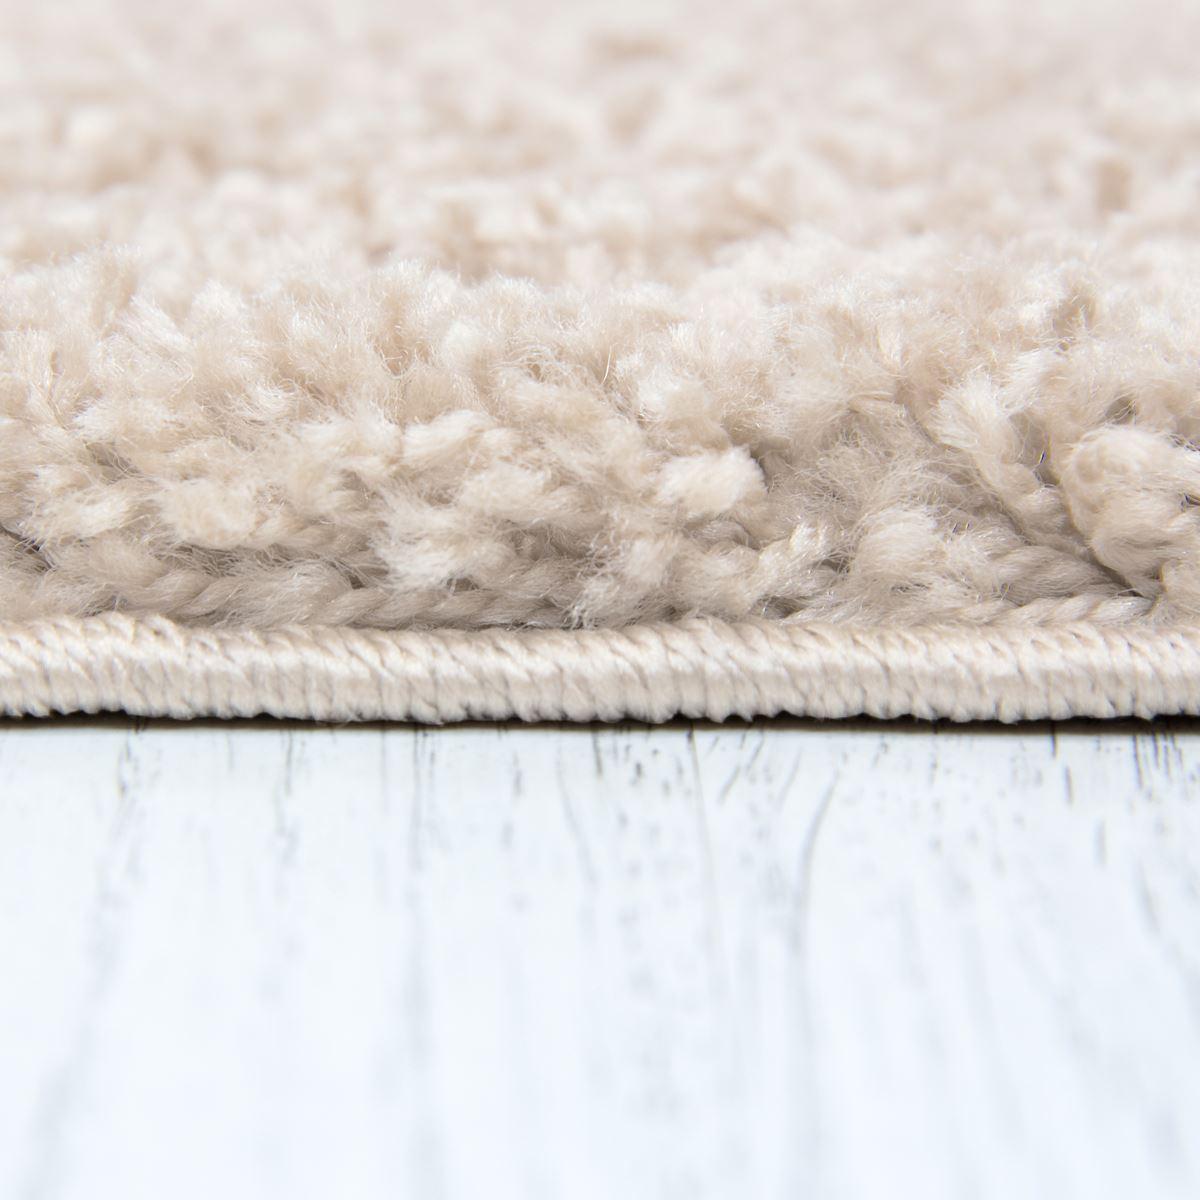 Alfombra Peluda Oxford Terracota 5 cm Calidad Suave Esponjoso no derramar gruesas alfombras.